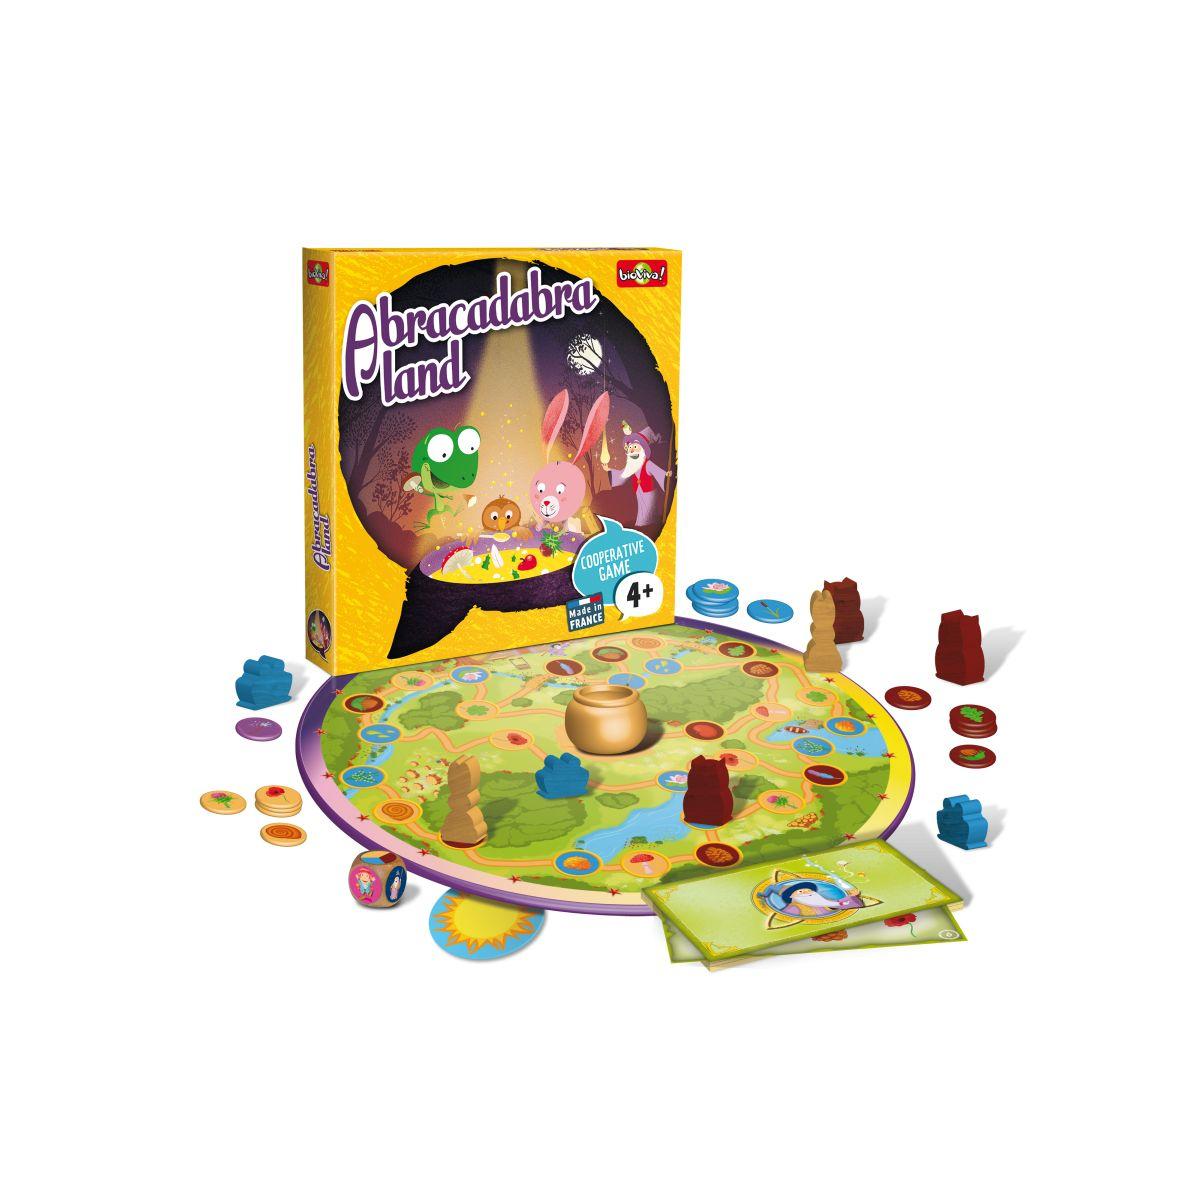 Abracadabra Land - À Partir De 4 Ans avec Jeux De Société À Partir De 4 Ans